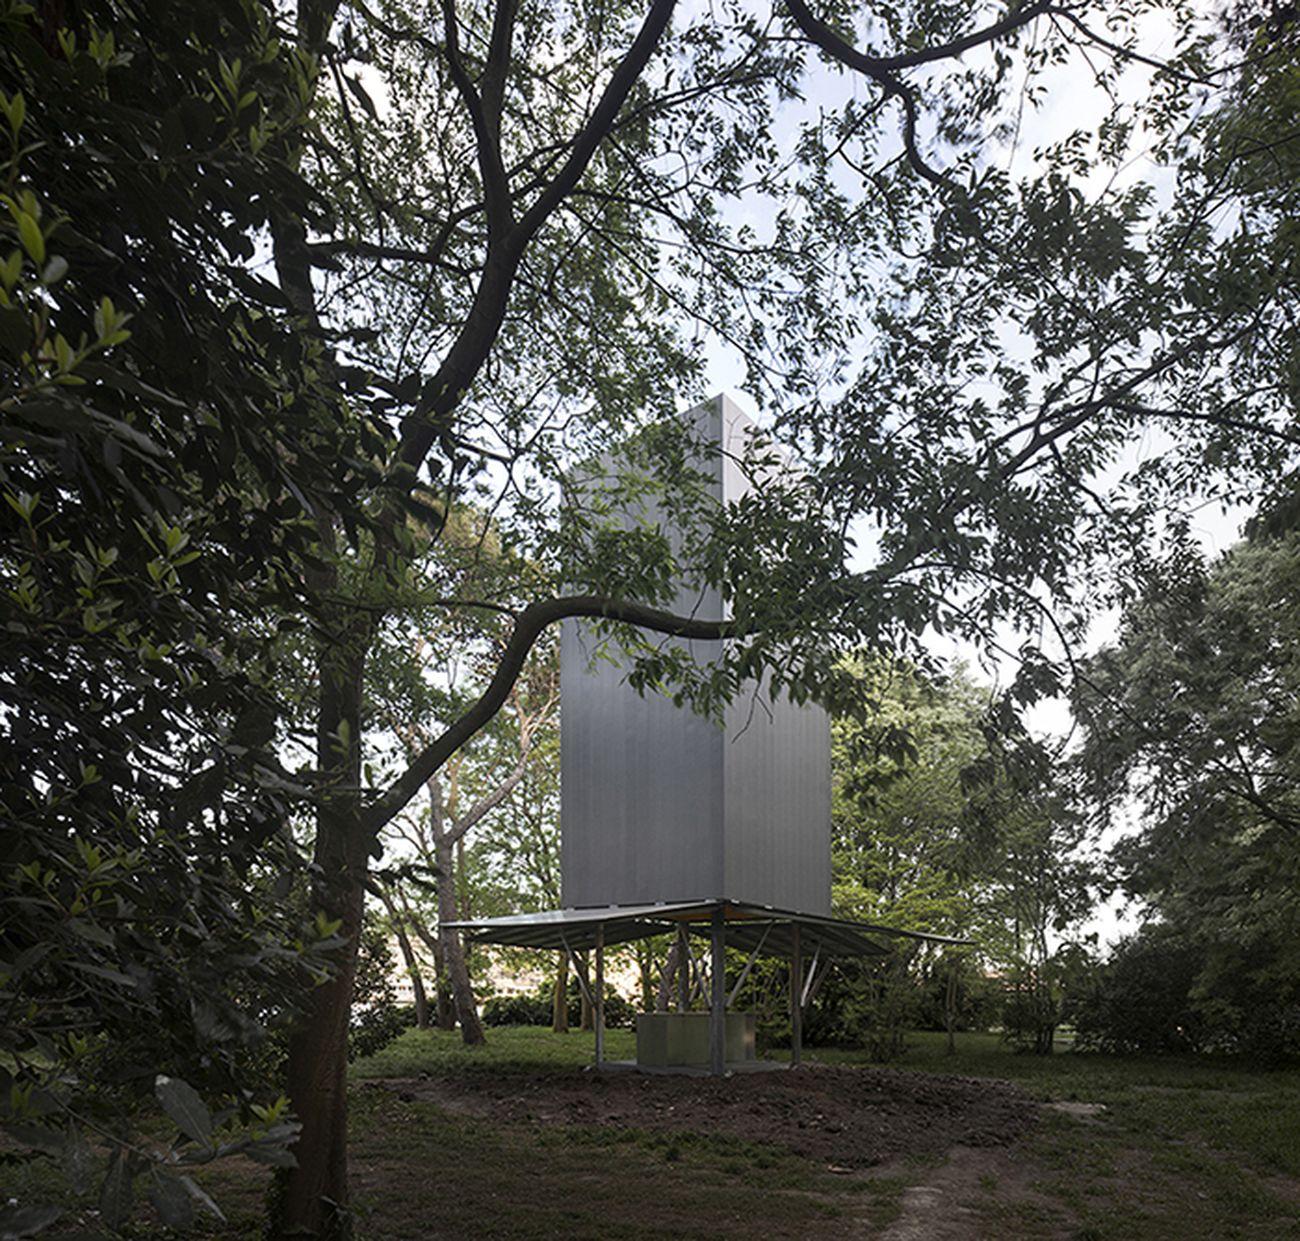 Biennale di Architettura di Venezia 2018. Padiglione Vaticano – Vatican Chapels. Sean Godsell Architects. Photo credits Alessandra Chemollo